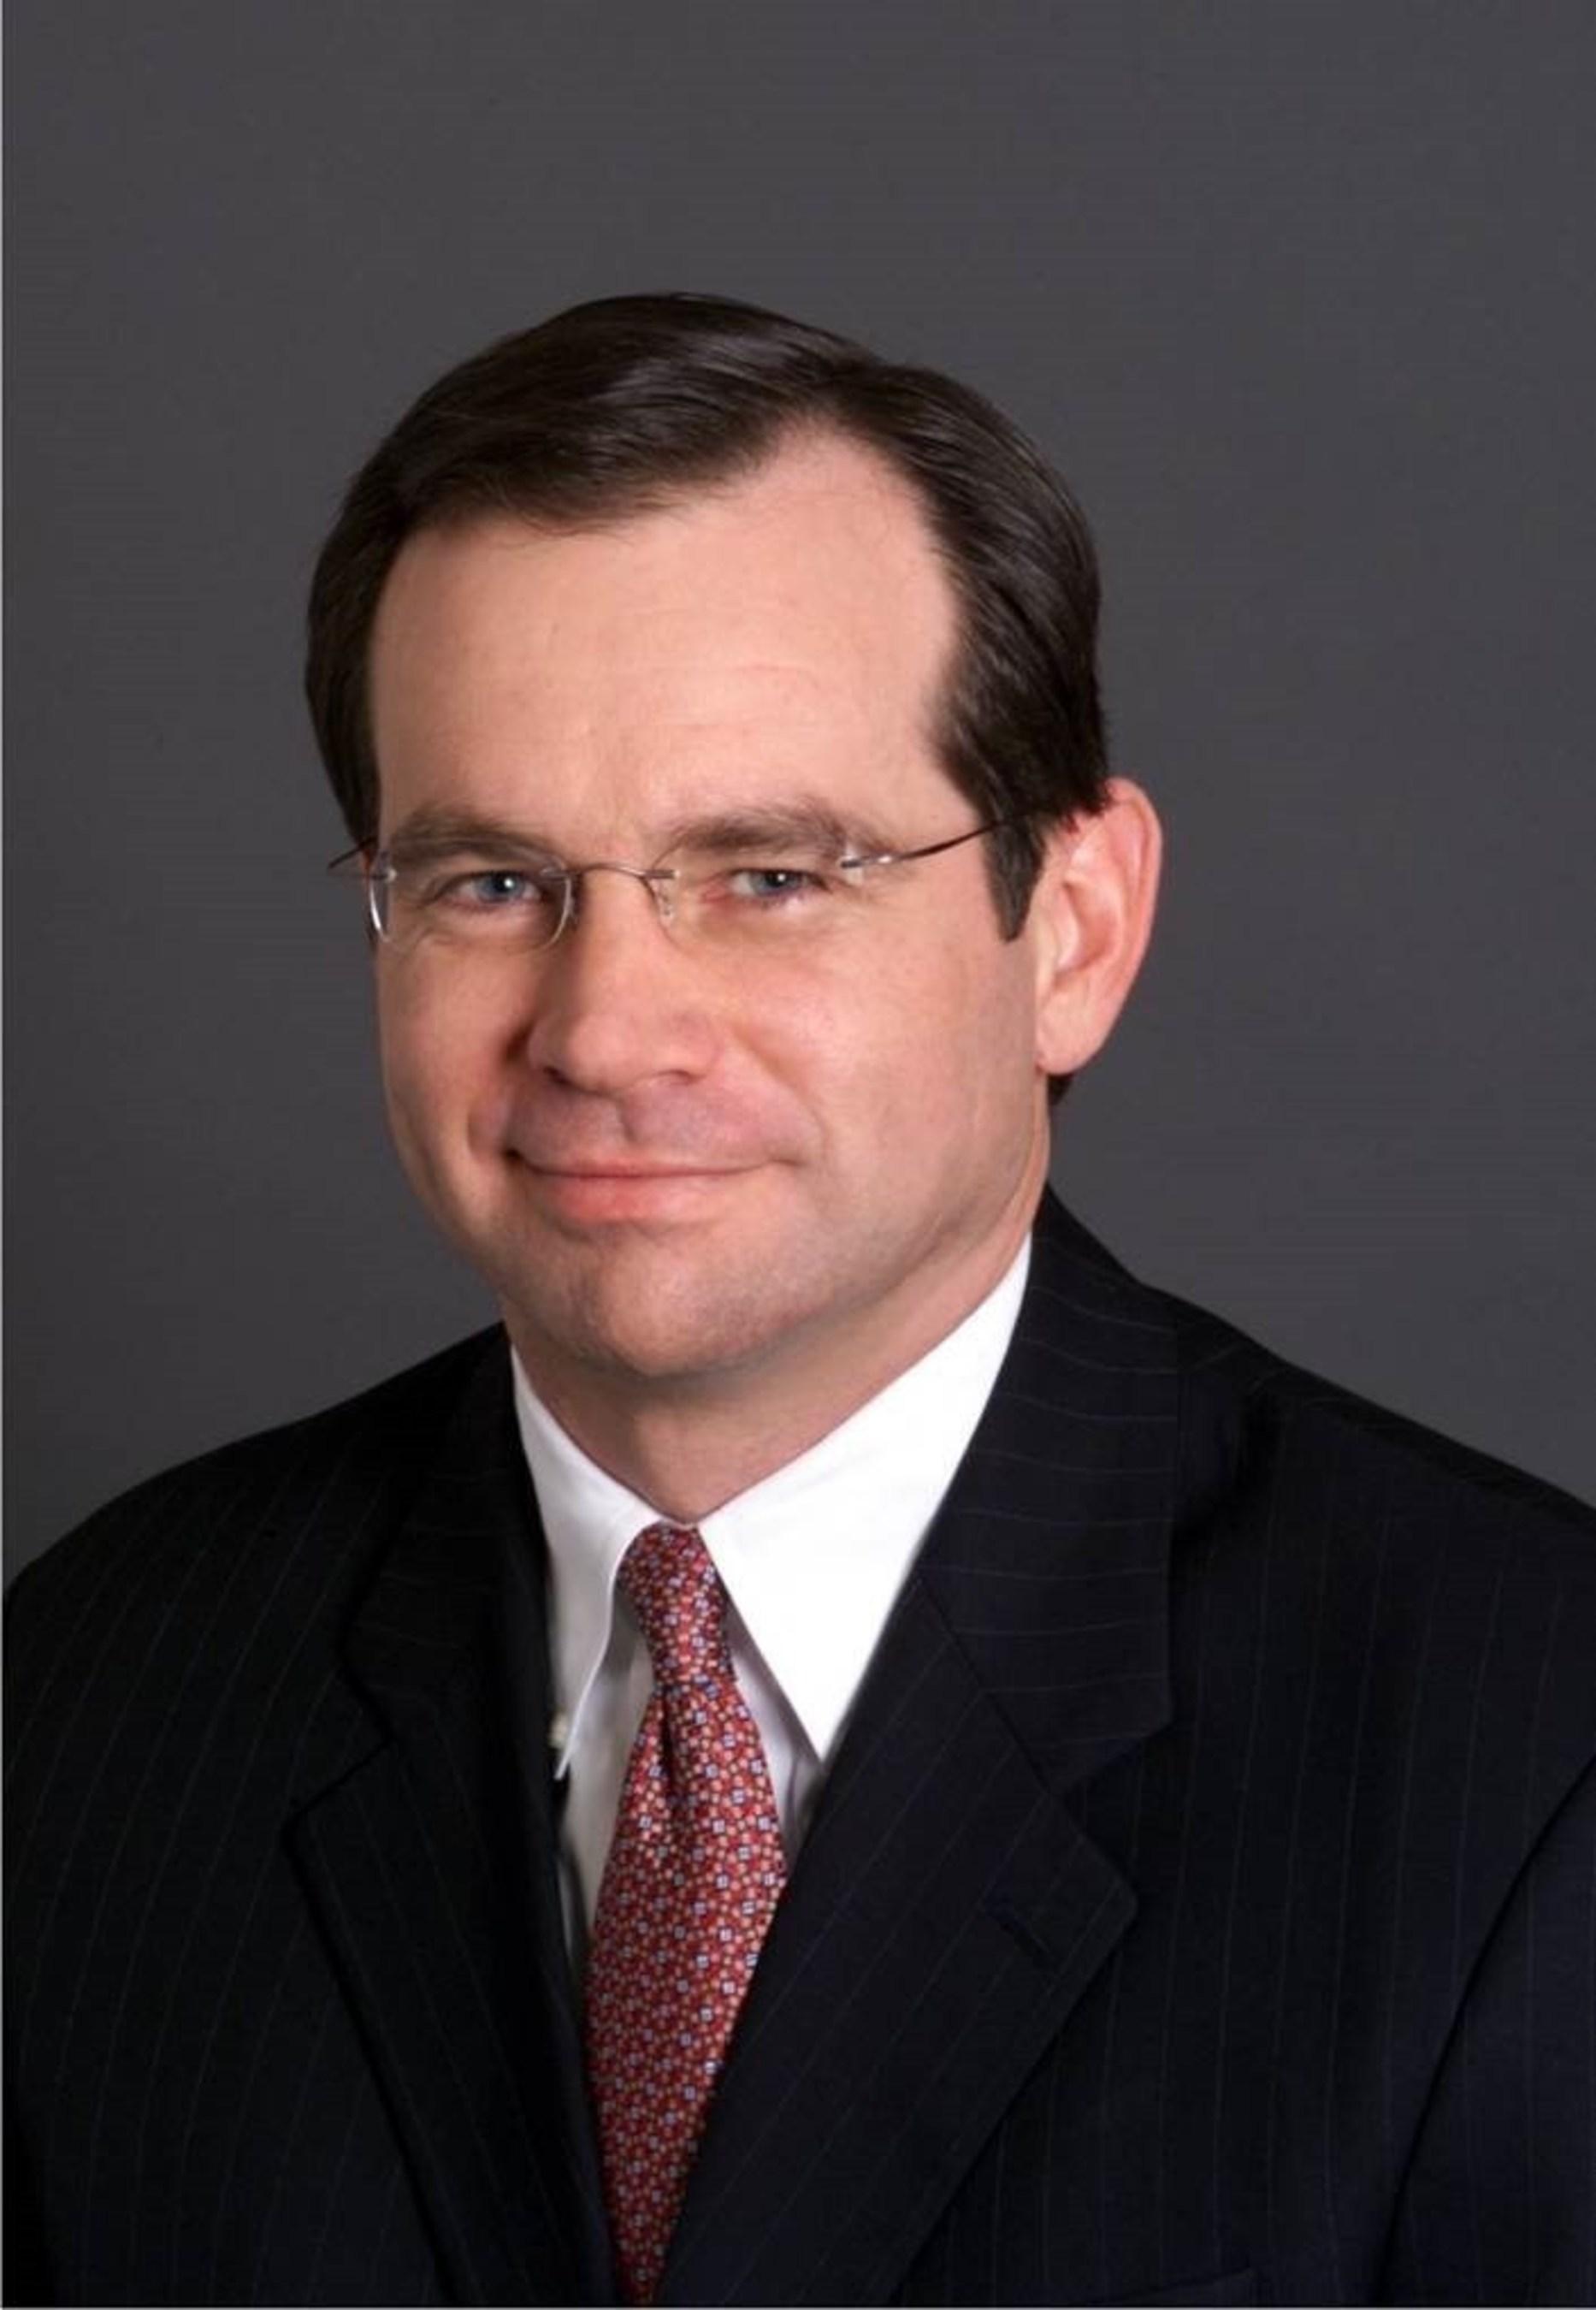 DMS Offshore nomme un ancien cadre dirigeant de Goldman Sachs en tant que directeur